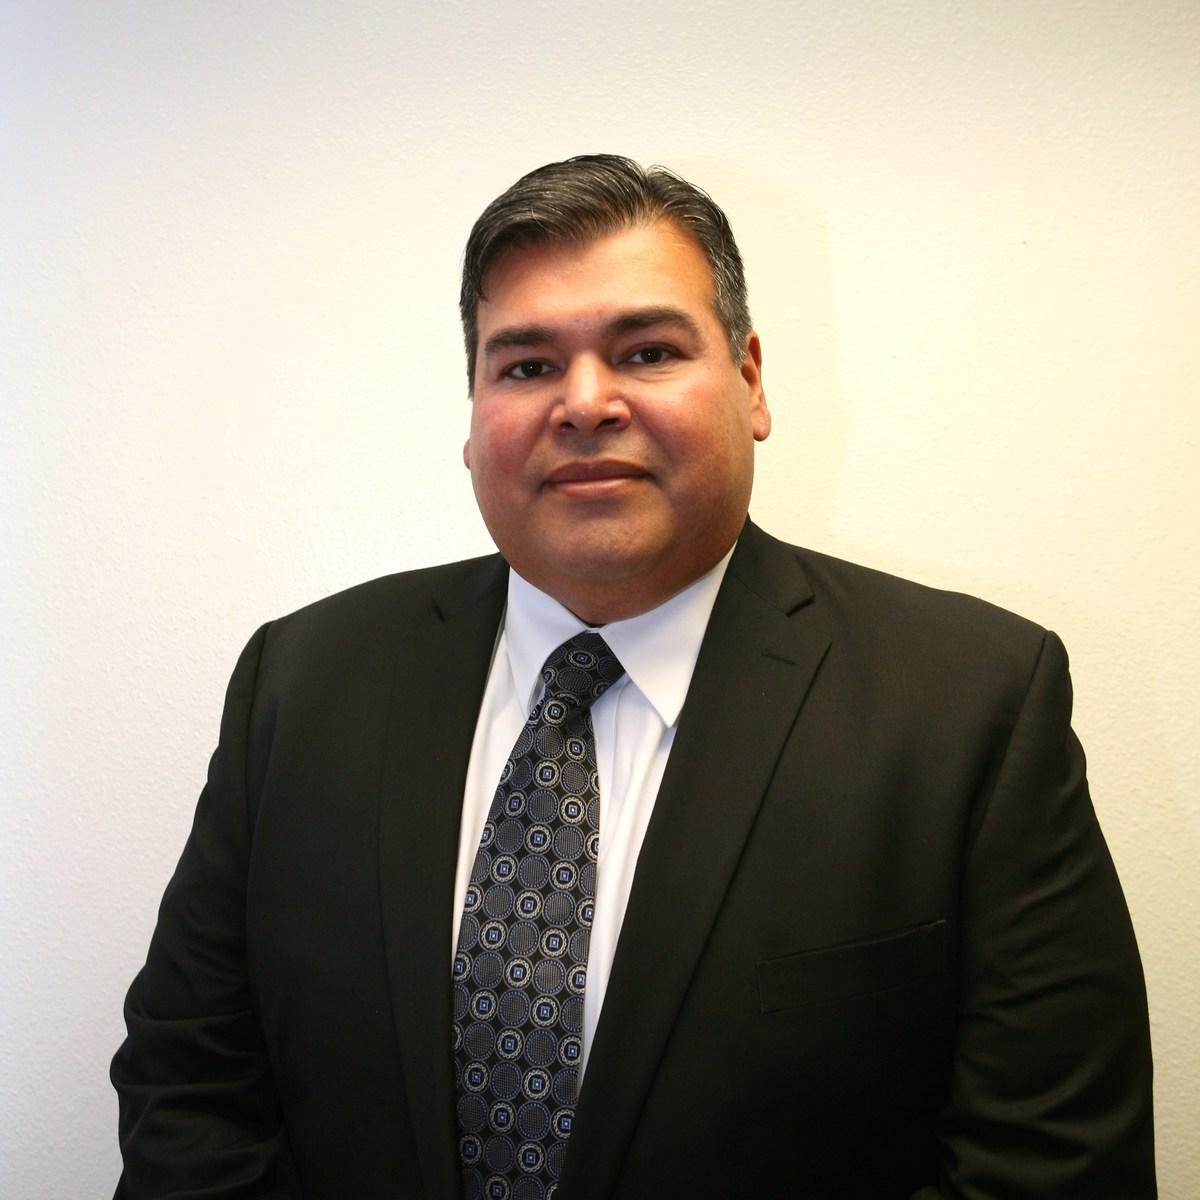 Manor High School Principal Emilio Vargas_359481